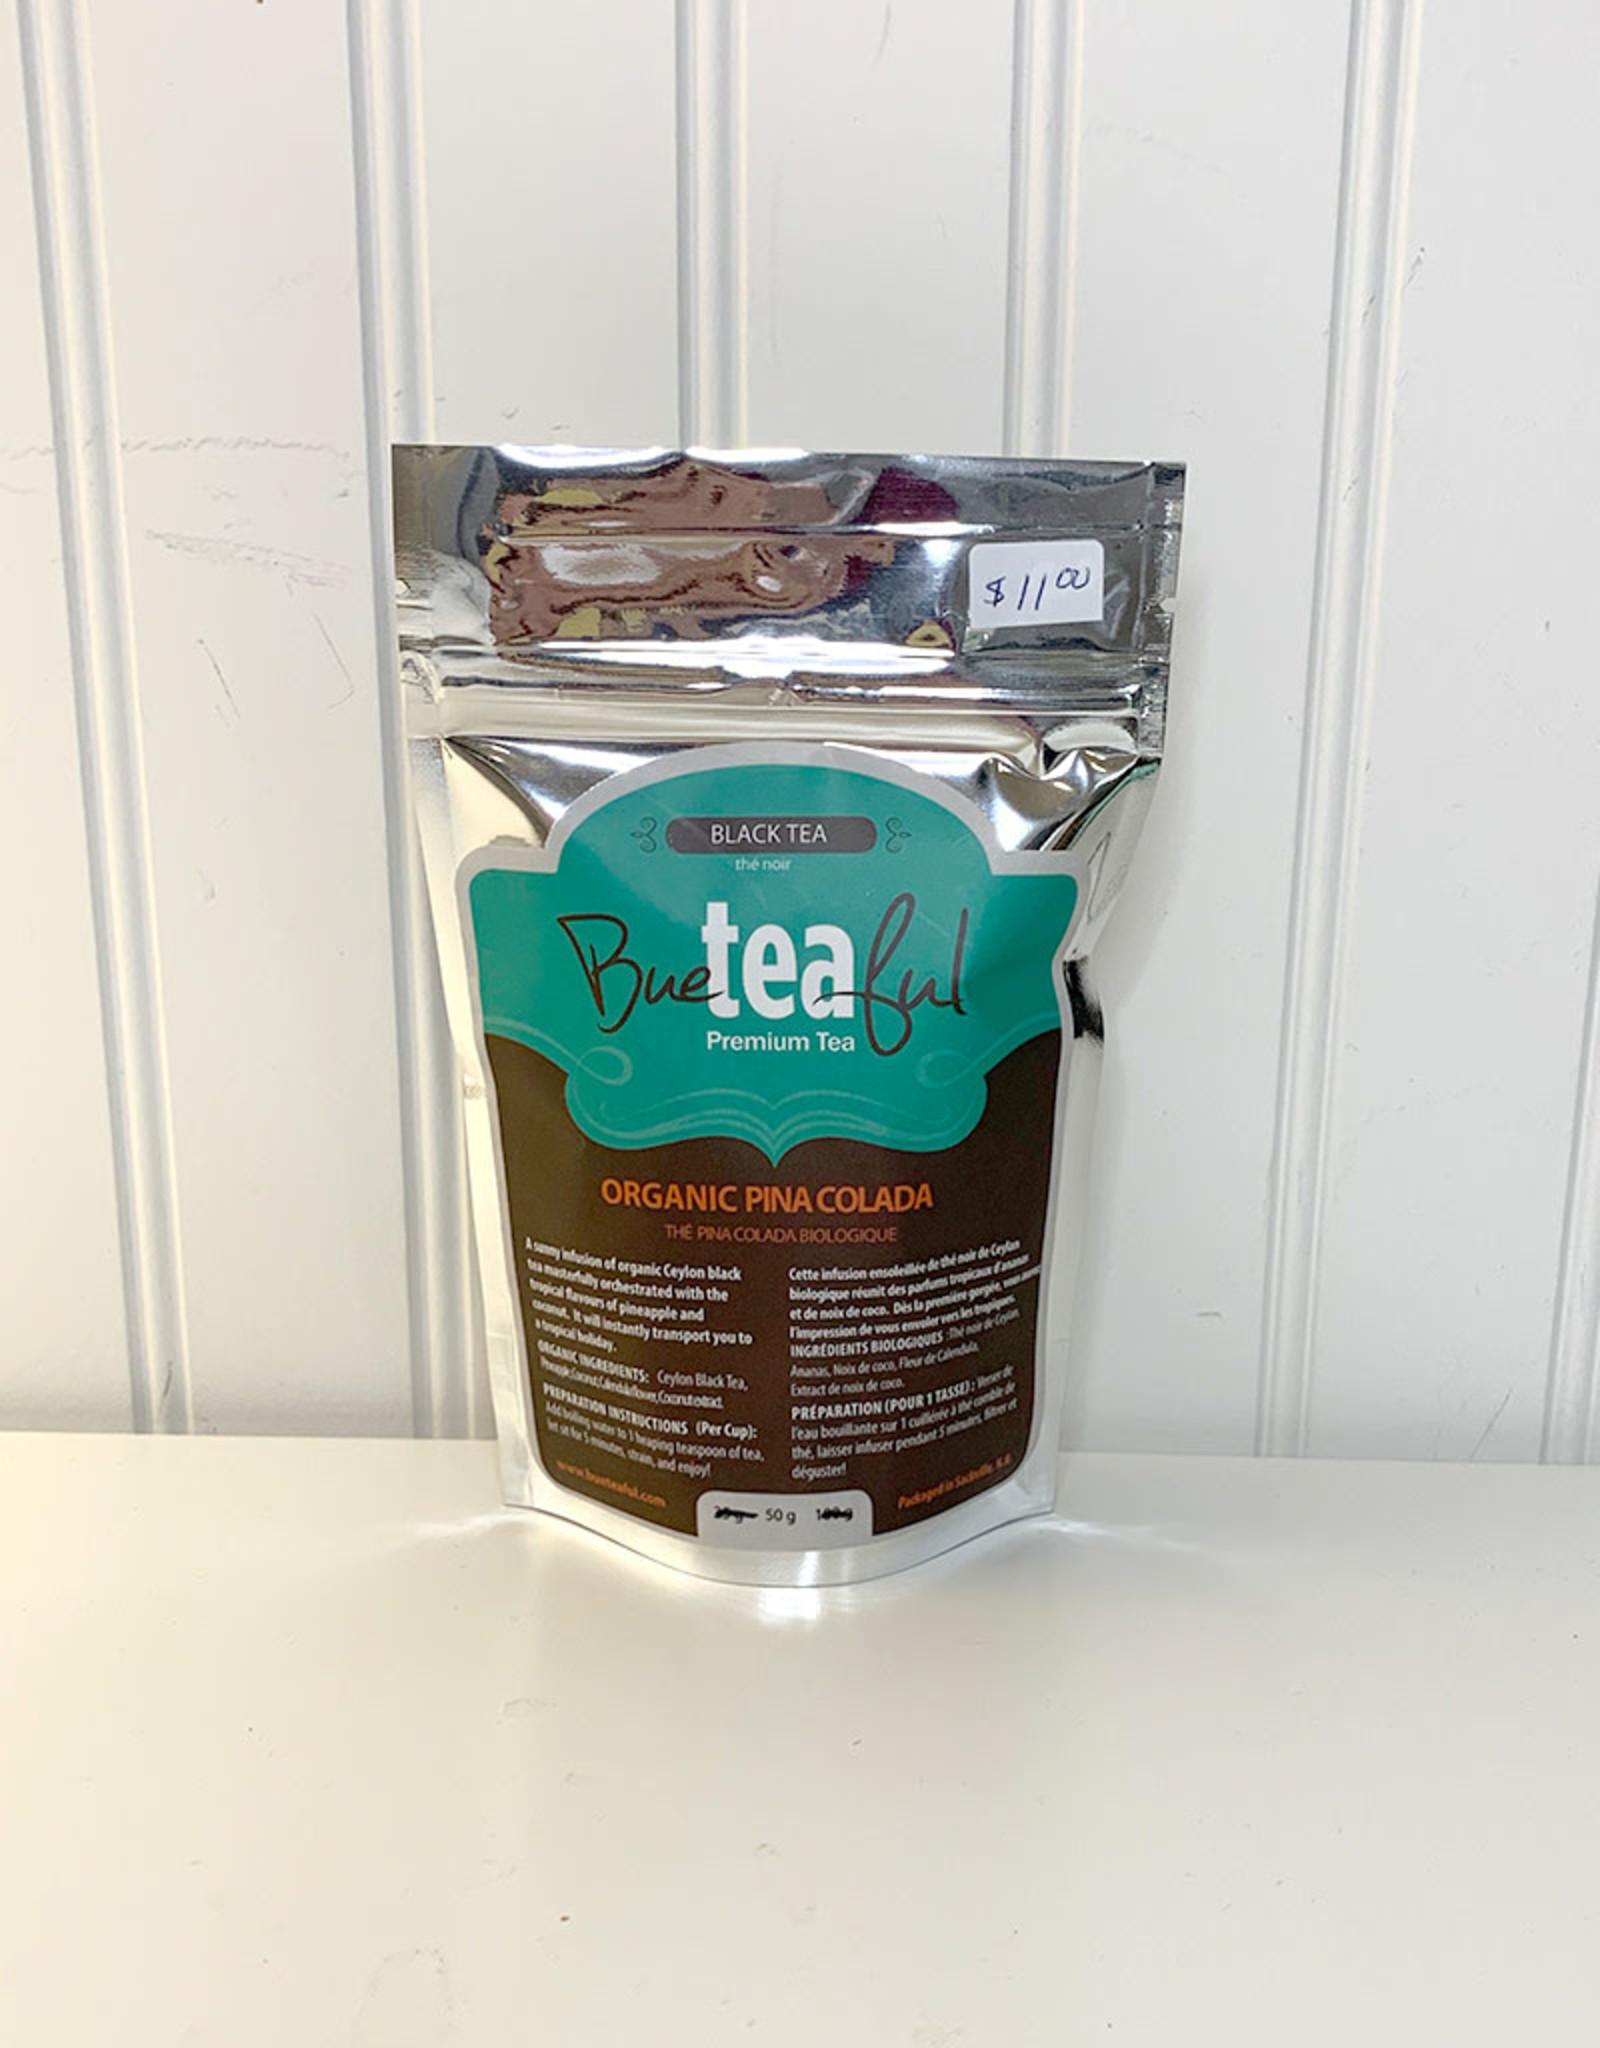 Bueteaful Tea Bueteaful - Tea, Pina Colada